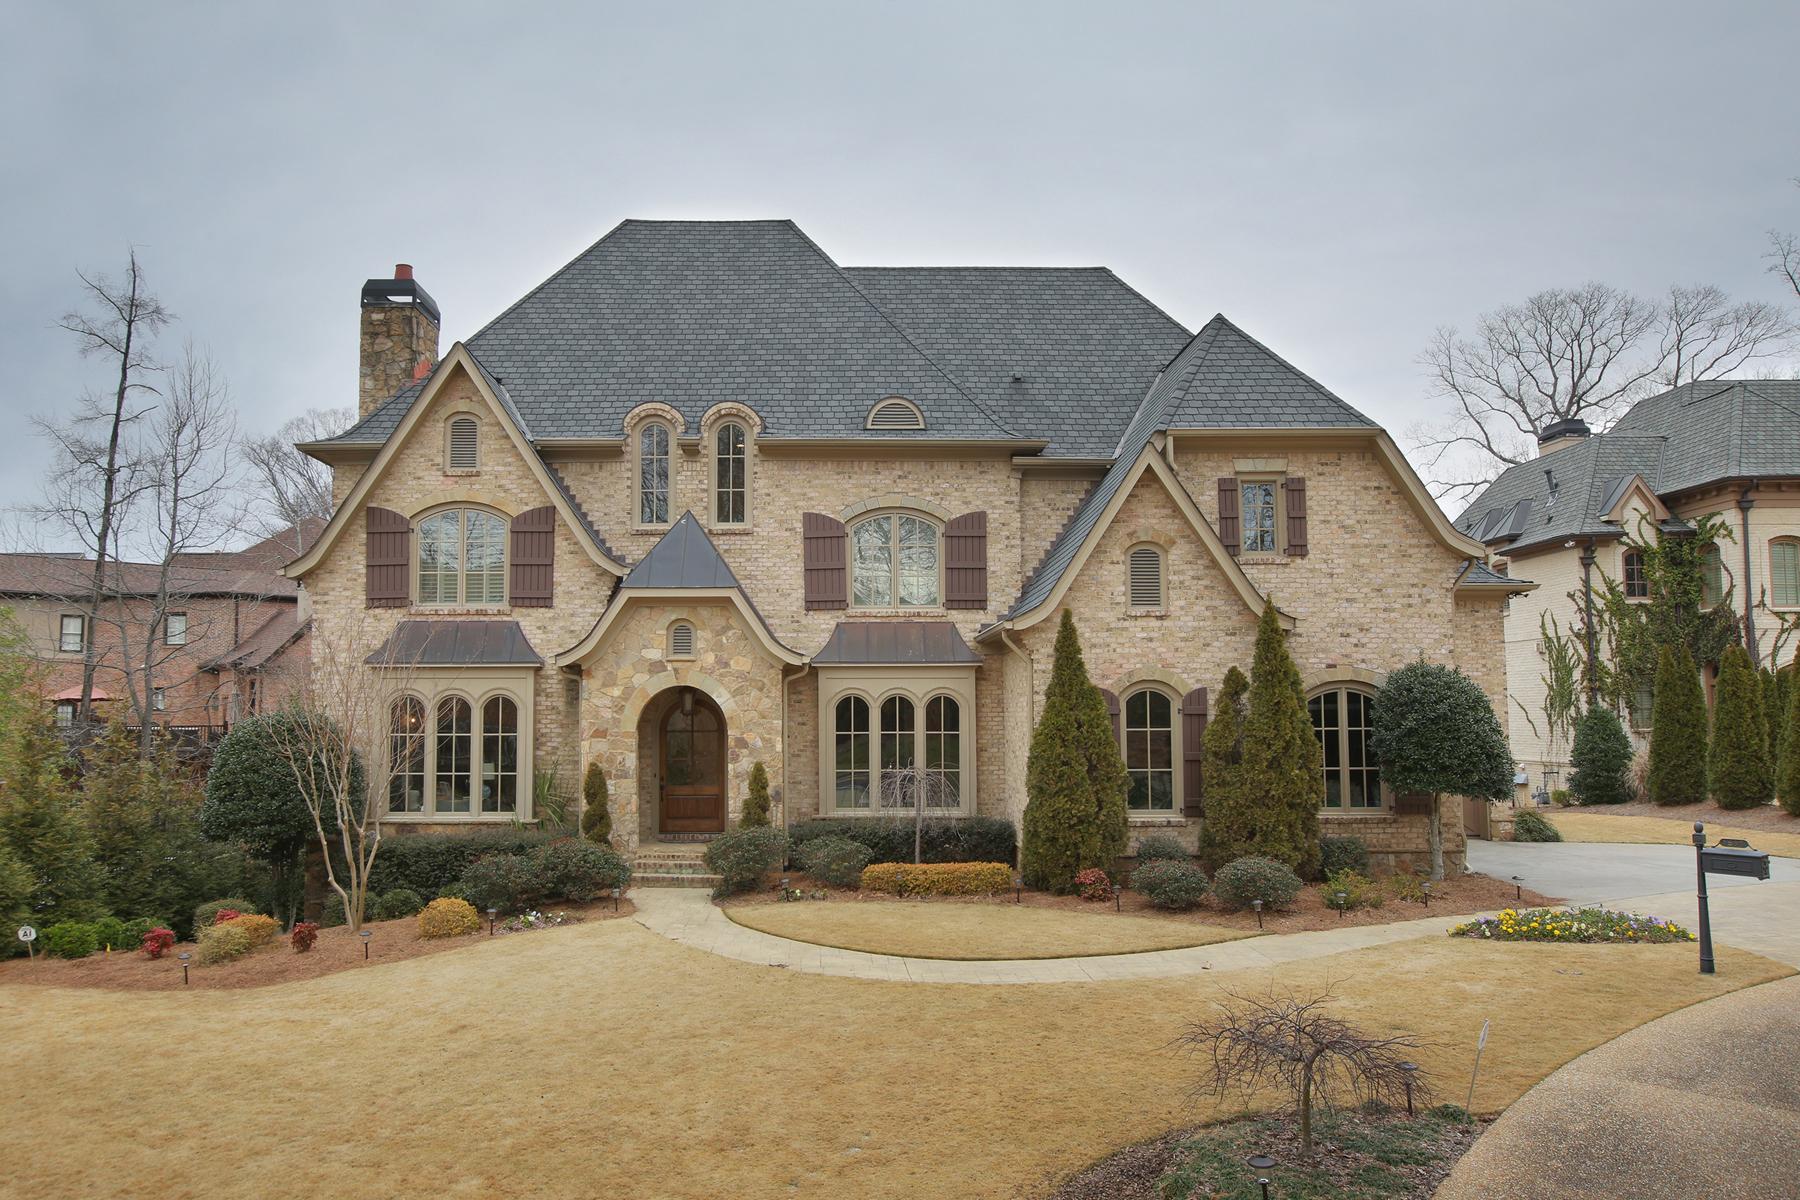 独户住宅 为 销售 在 An Elegant Brookhaven Manor 1688 Windsor Parkway 亚特兰大, 乔治亚州, 30319 美国